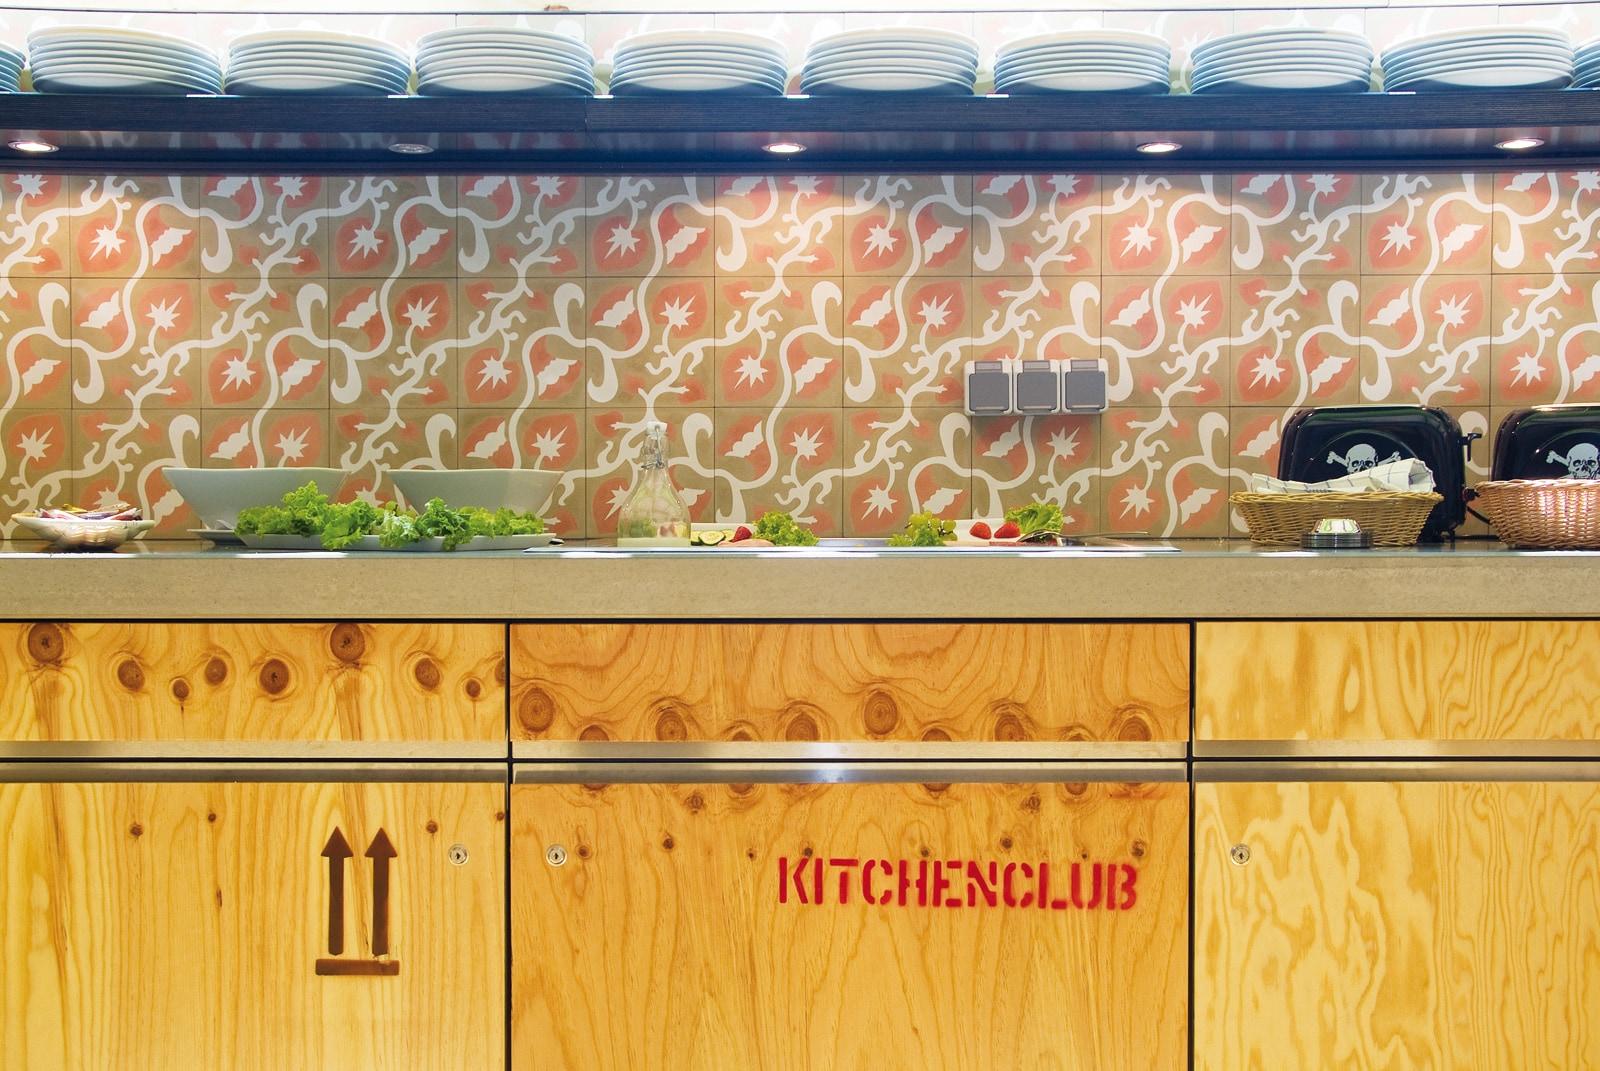 Zementmosaikplatten-musternummer-13200-superbude-via-gmbh | 13200